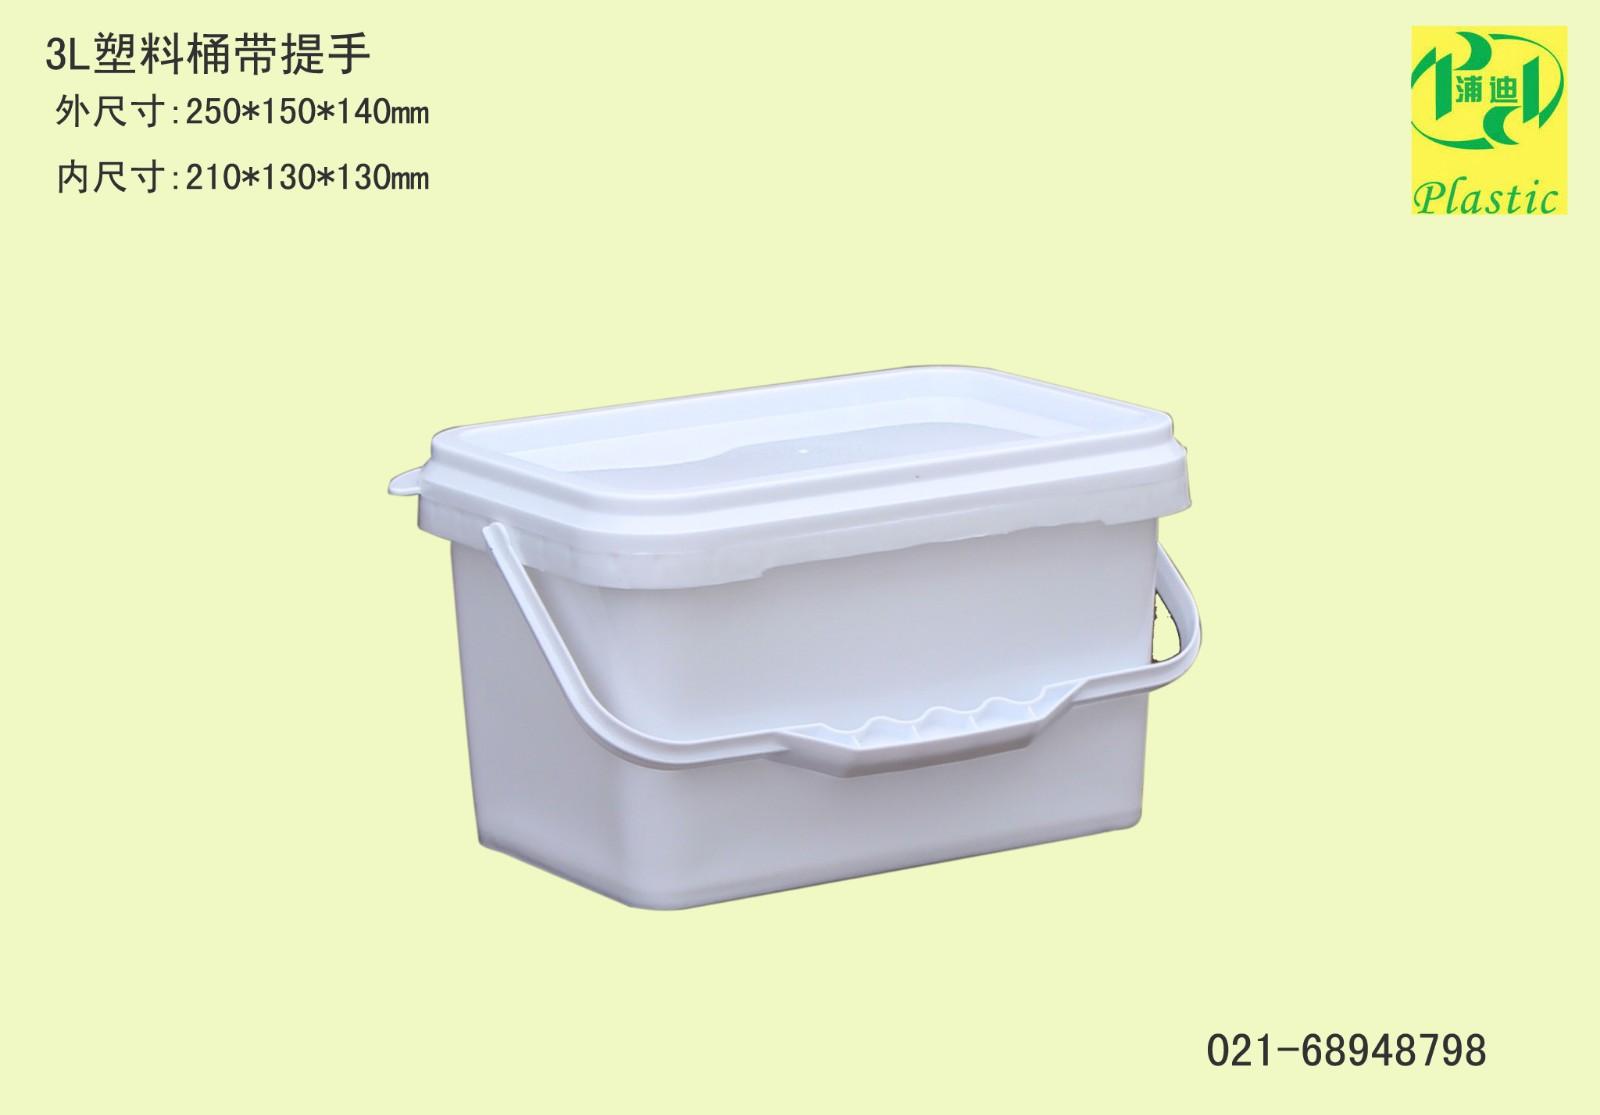 3l塑料桶 外尺寸:250*150*140mm